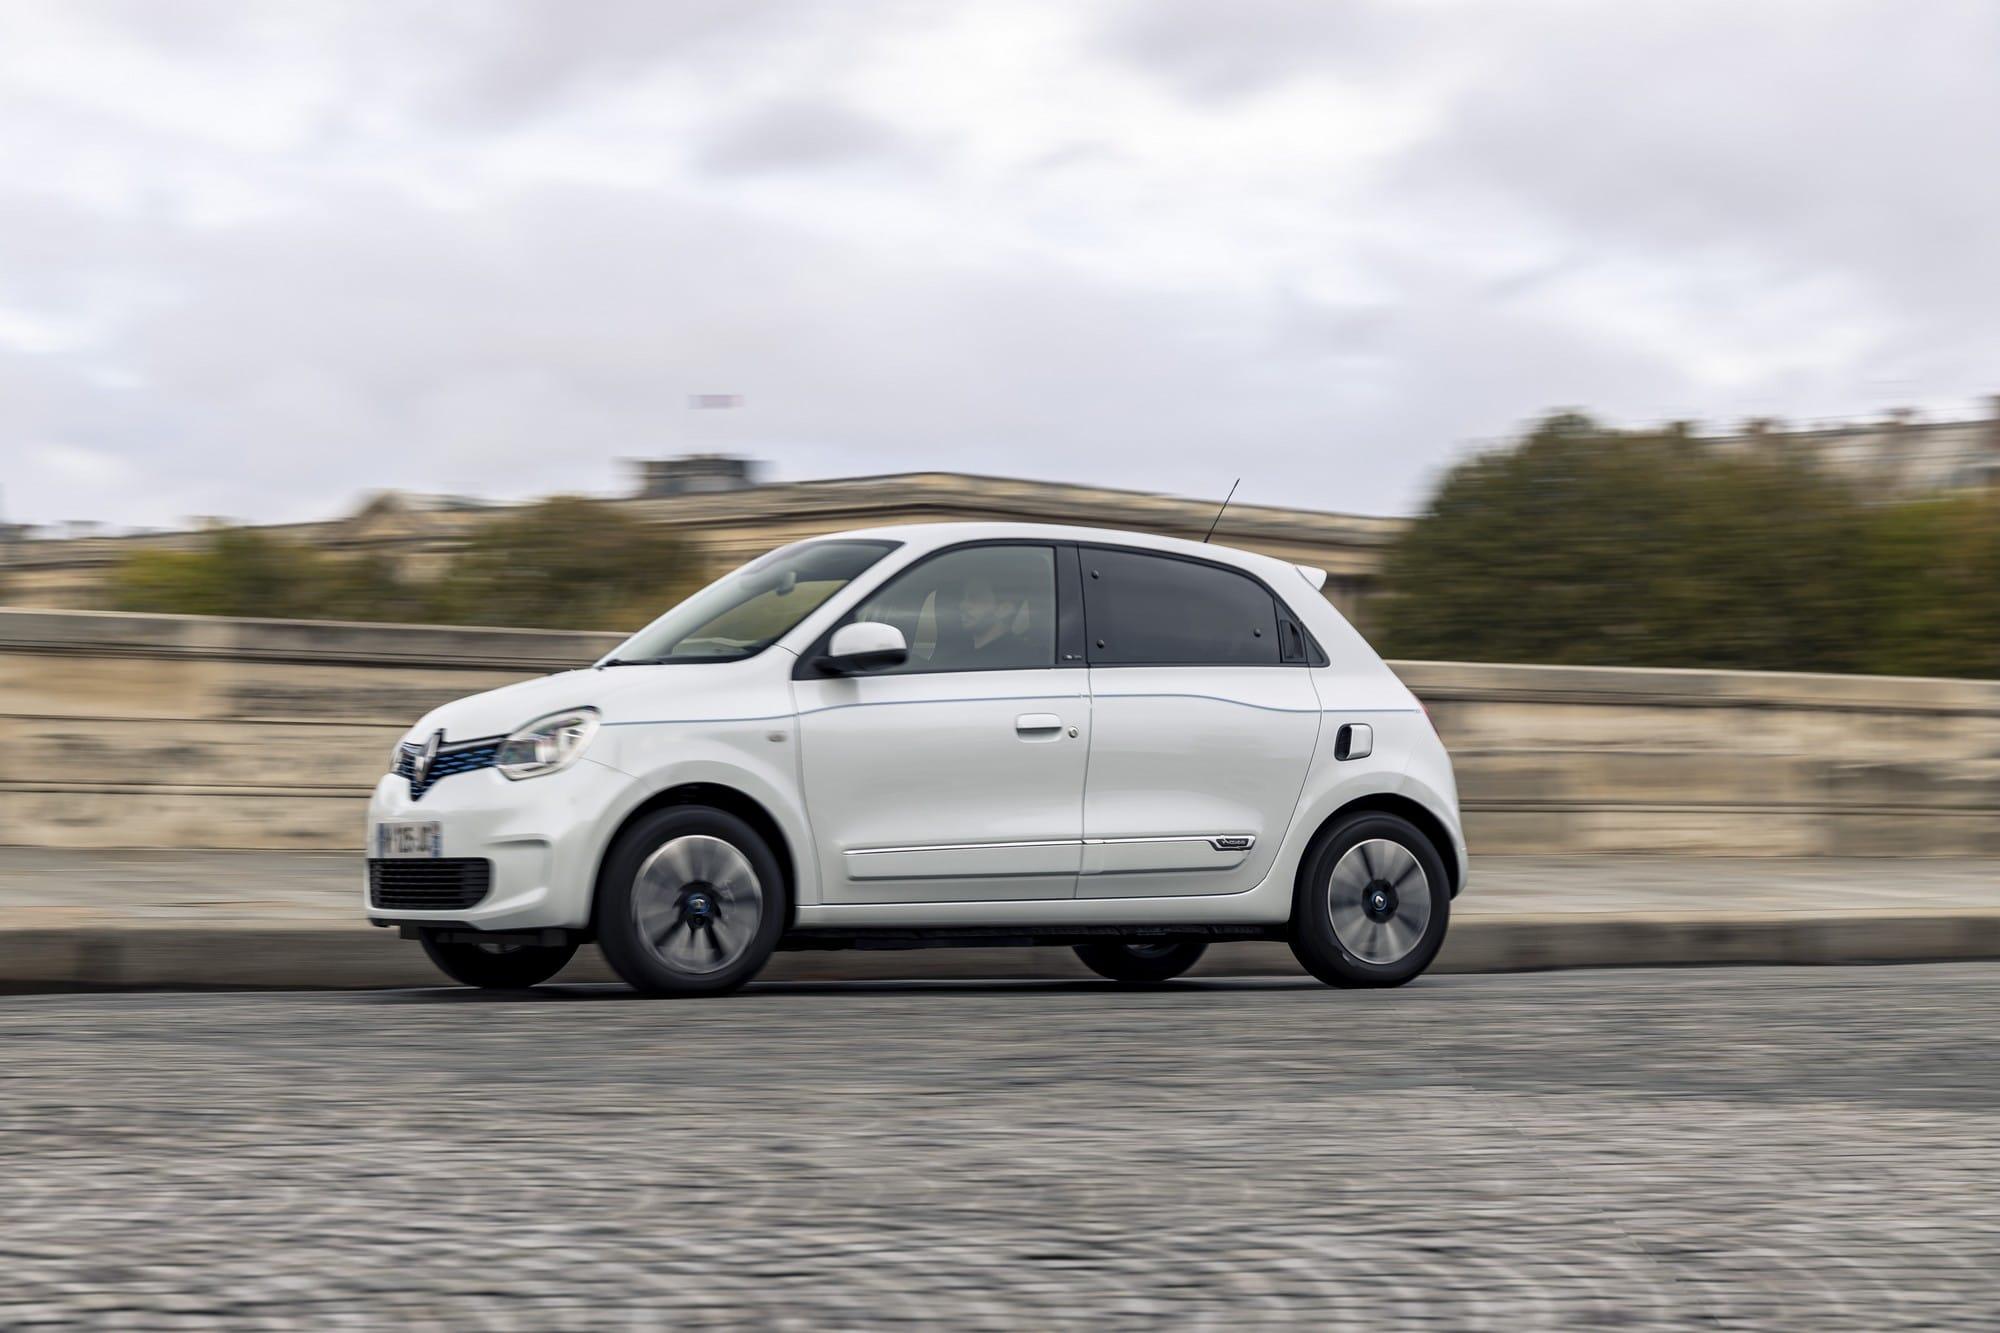 Renault Twingo électrique 2020 blanche